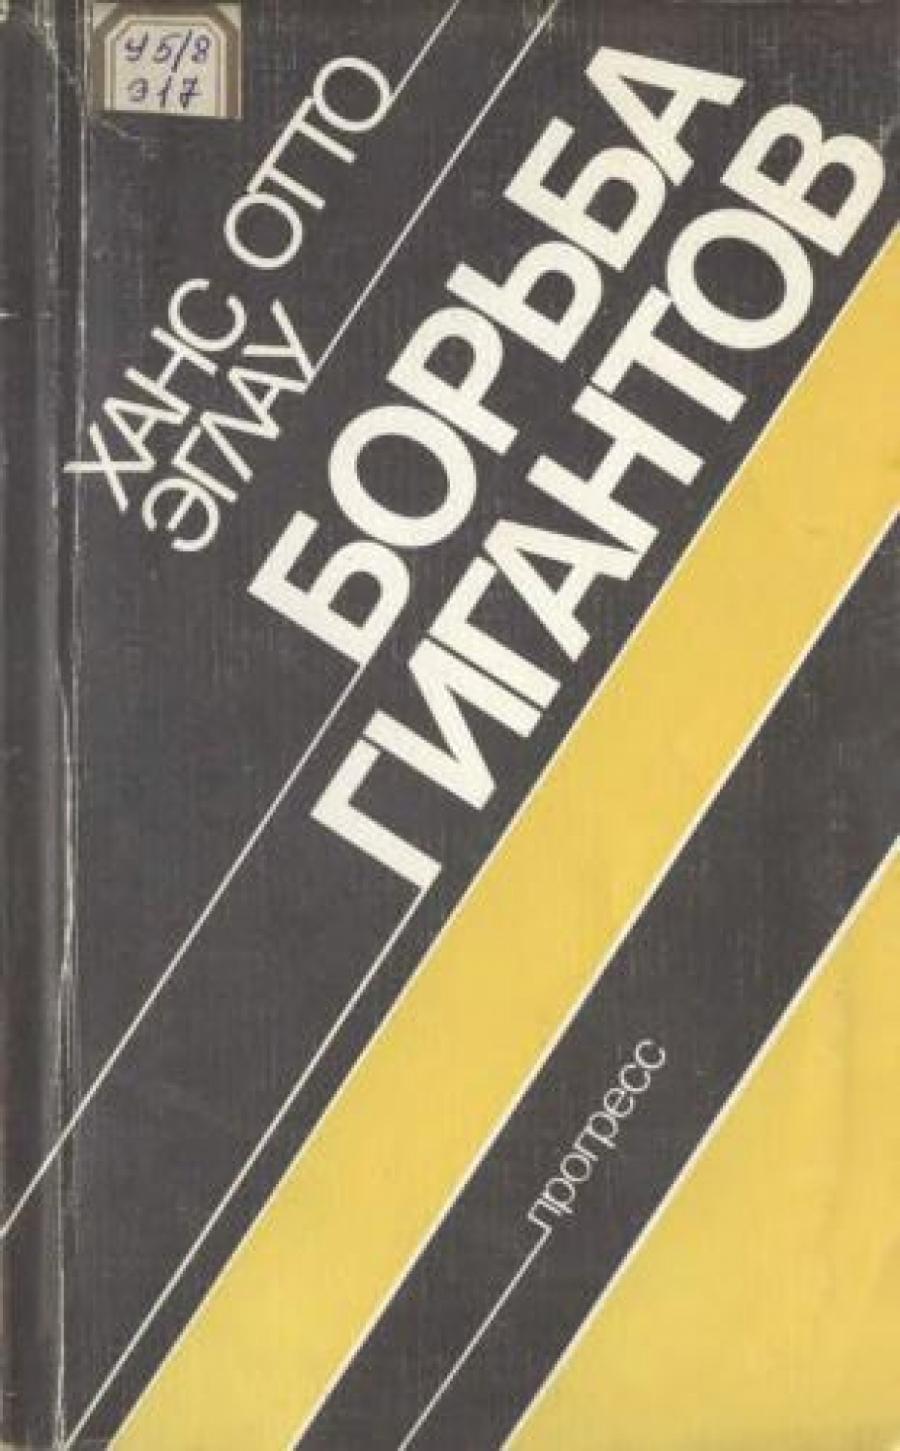 Обложка книги:  эглау х.о. - борьба гигантов. экономическое соперничество европы, сша и японии